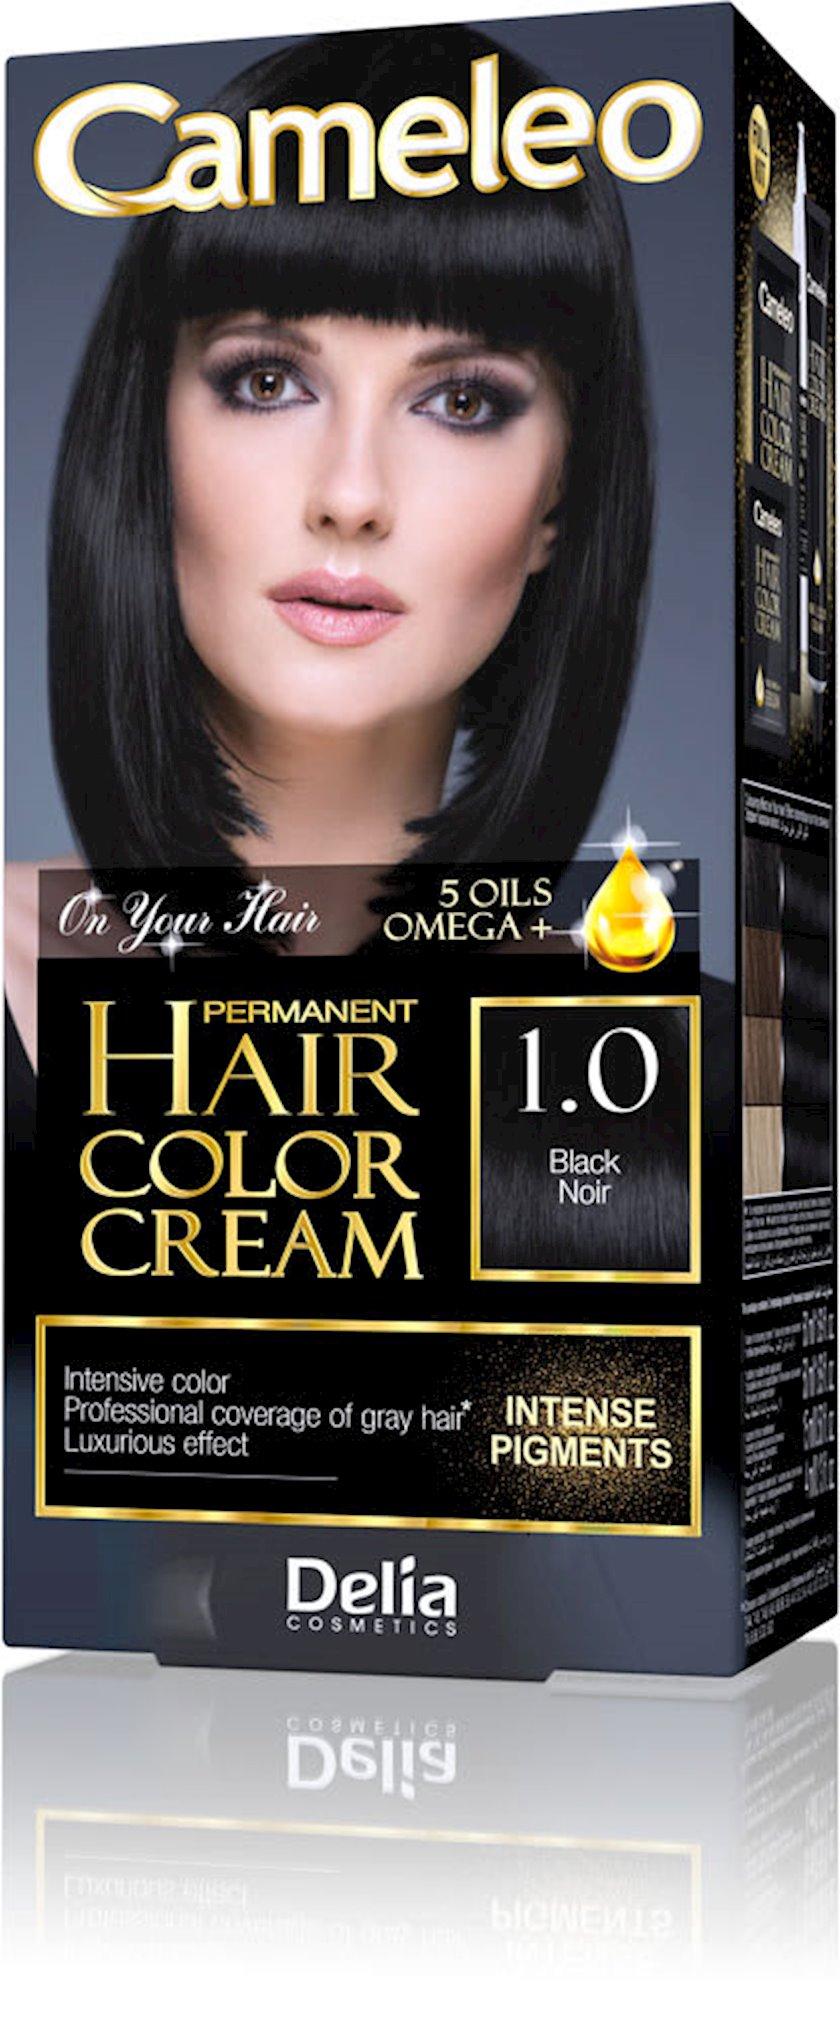 Saç üçün krem-boya Delia Cosmetics Cameleo Permanent Hair Color Cream  Arqan yağı ilə çalar 1.0 Qara  50 ml